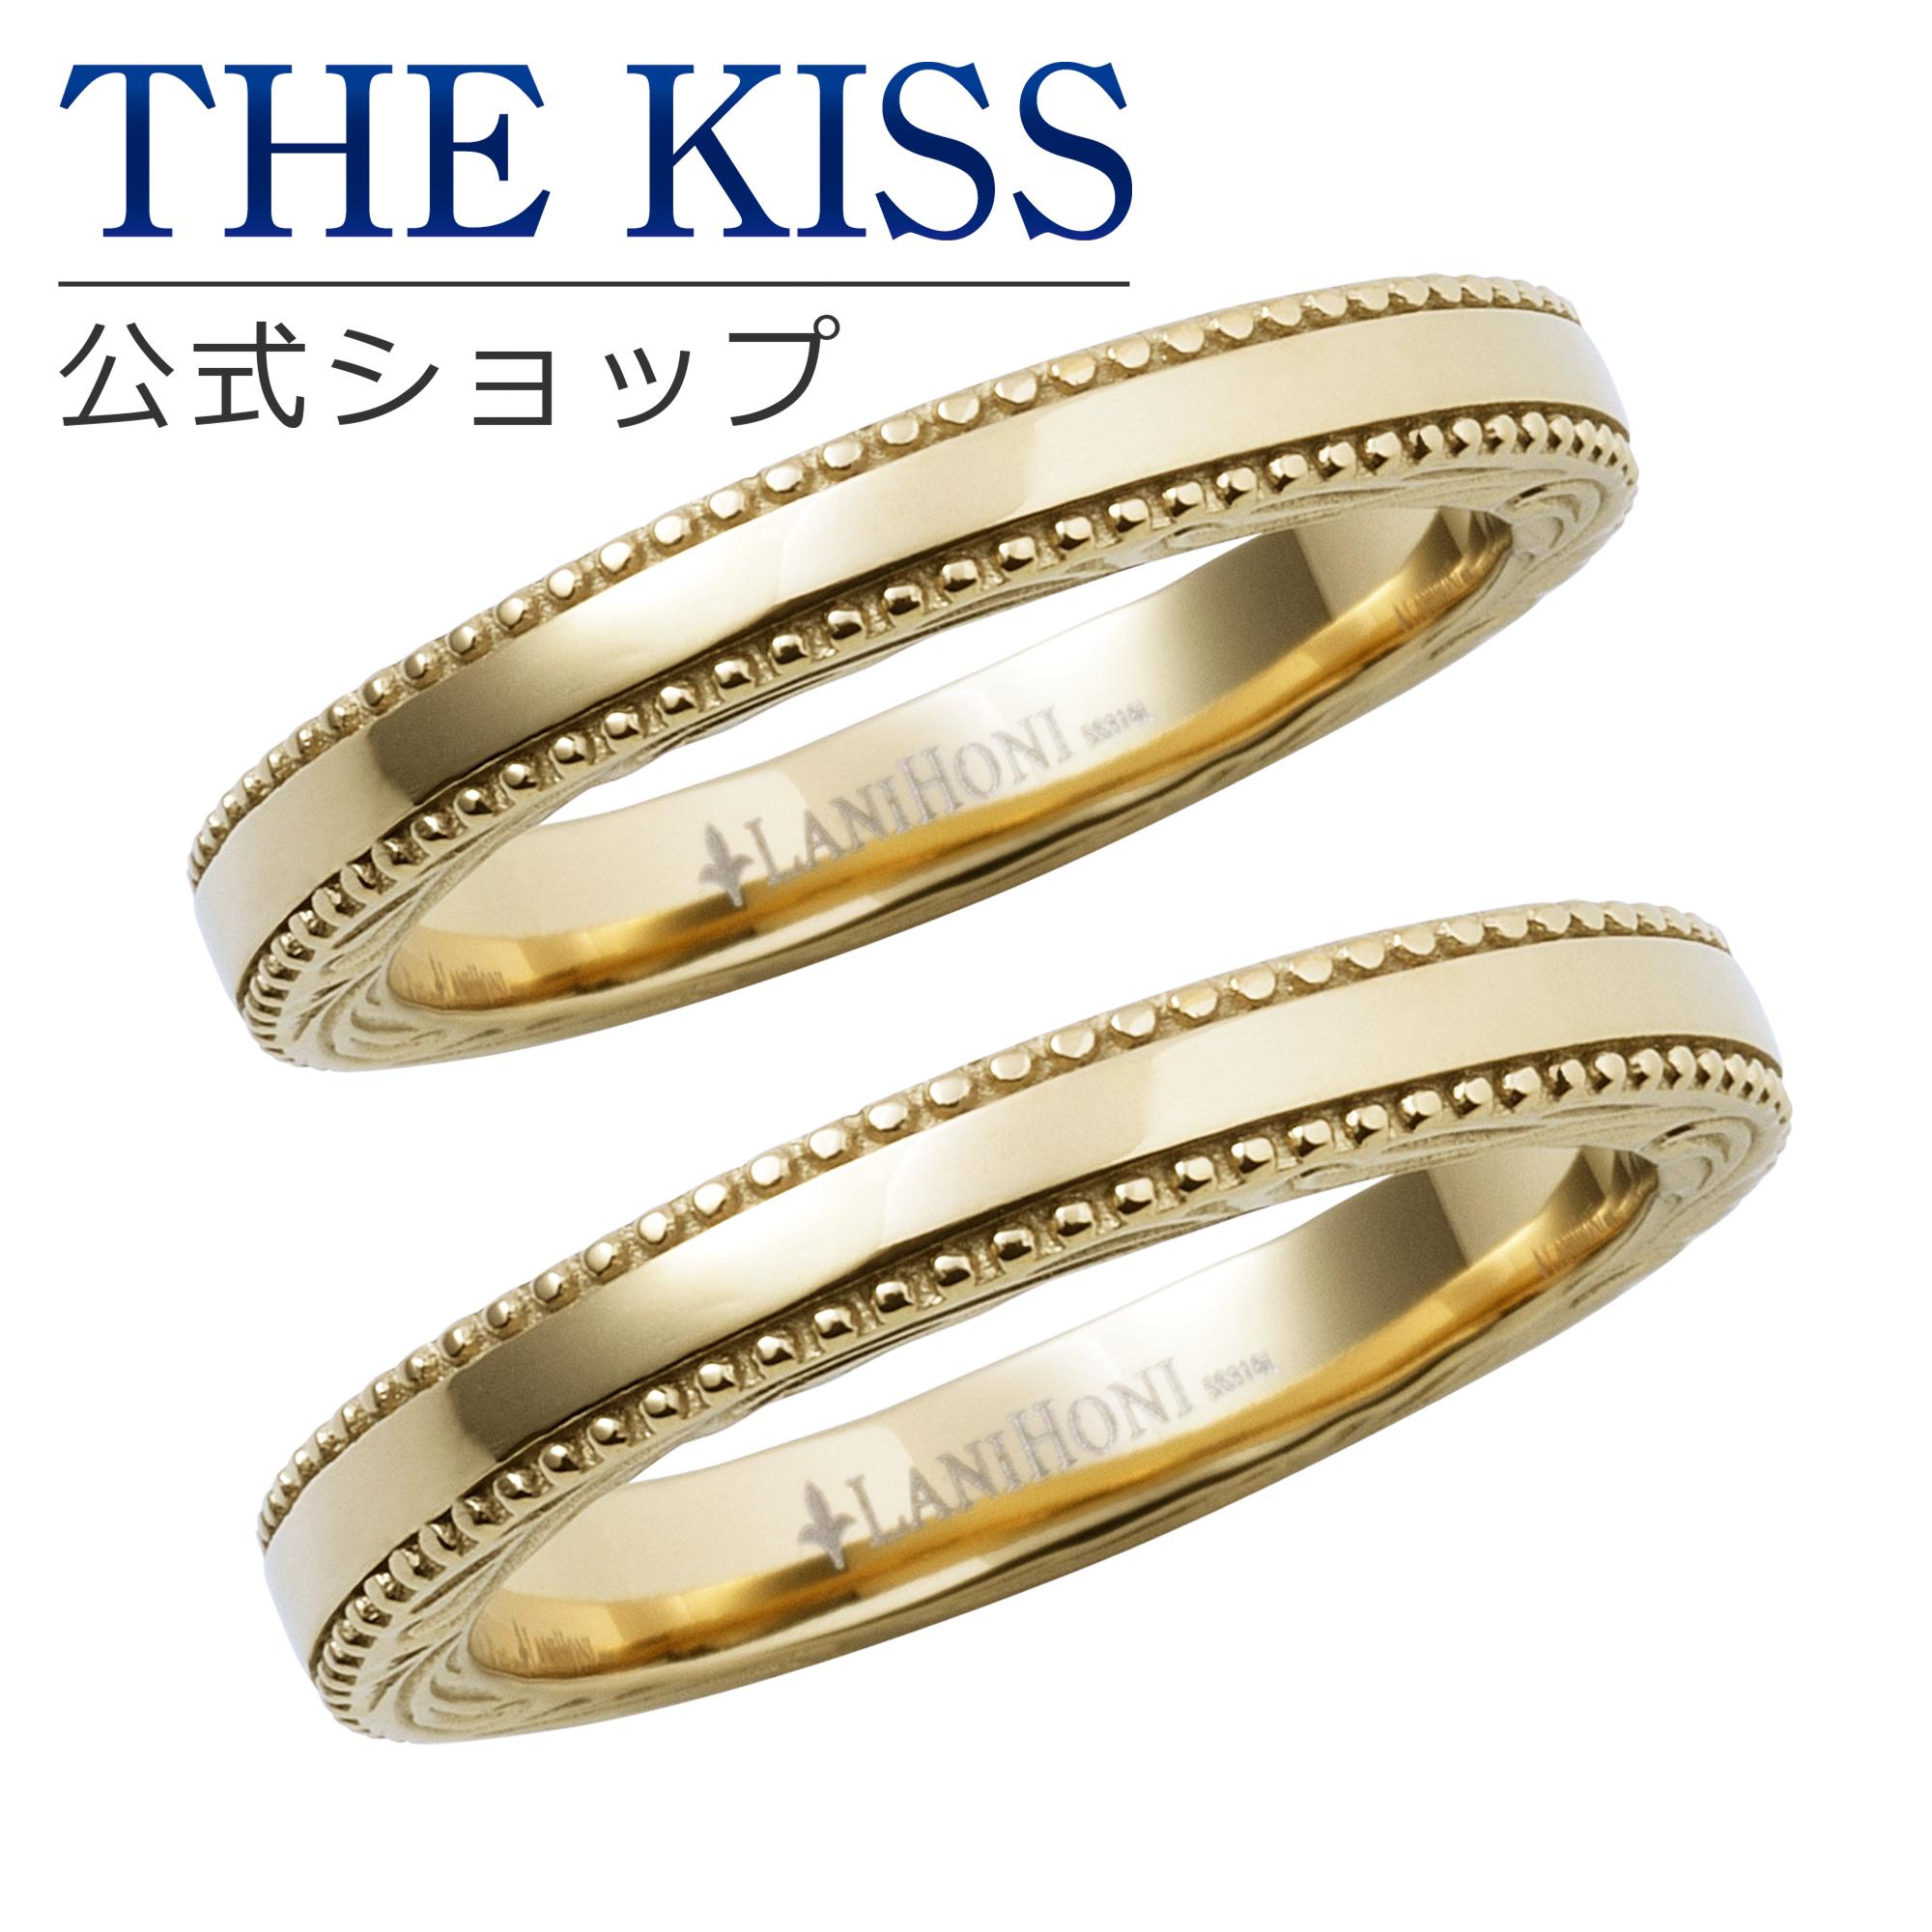 【あす楽対応】THE KISS 公式サイト ステンレス ハワイアン ペアリング ペアアクセサリー カップル に 人気 の ジュエリーブランド THEKISS ペア リング・指輪 記念日 プレゼント L-R8005-P セット シンプル ザキス 【送料無料】